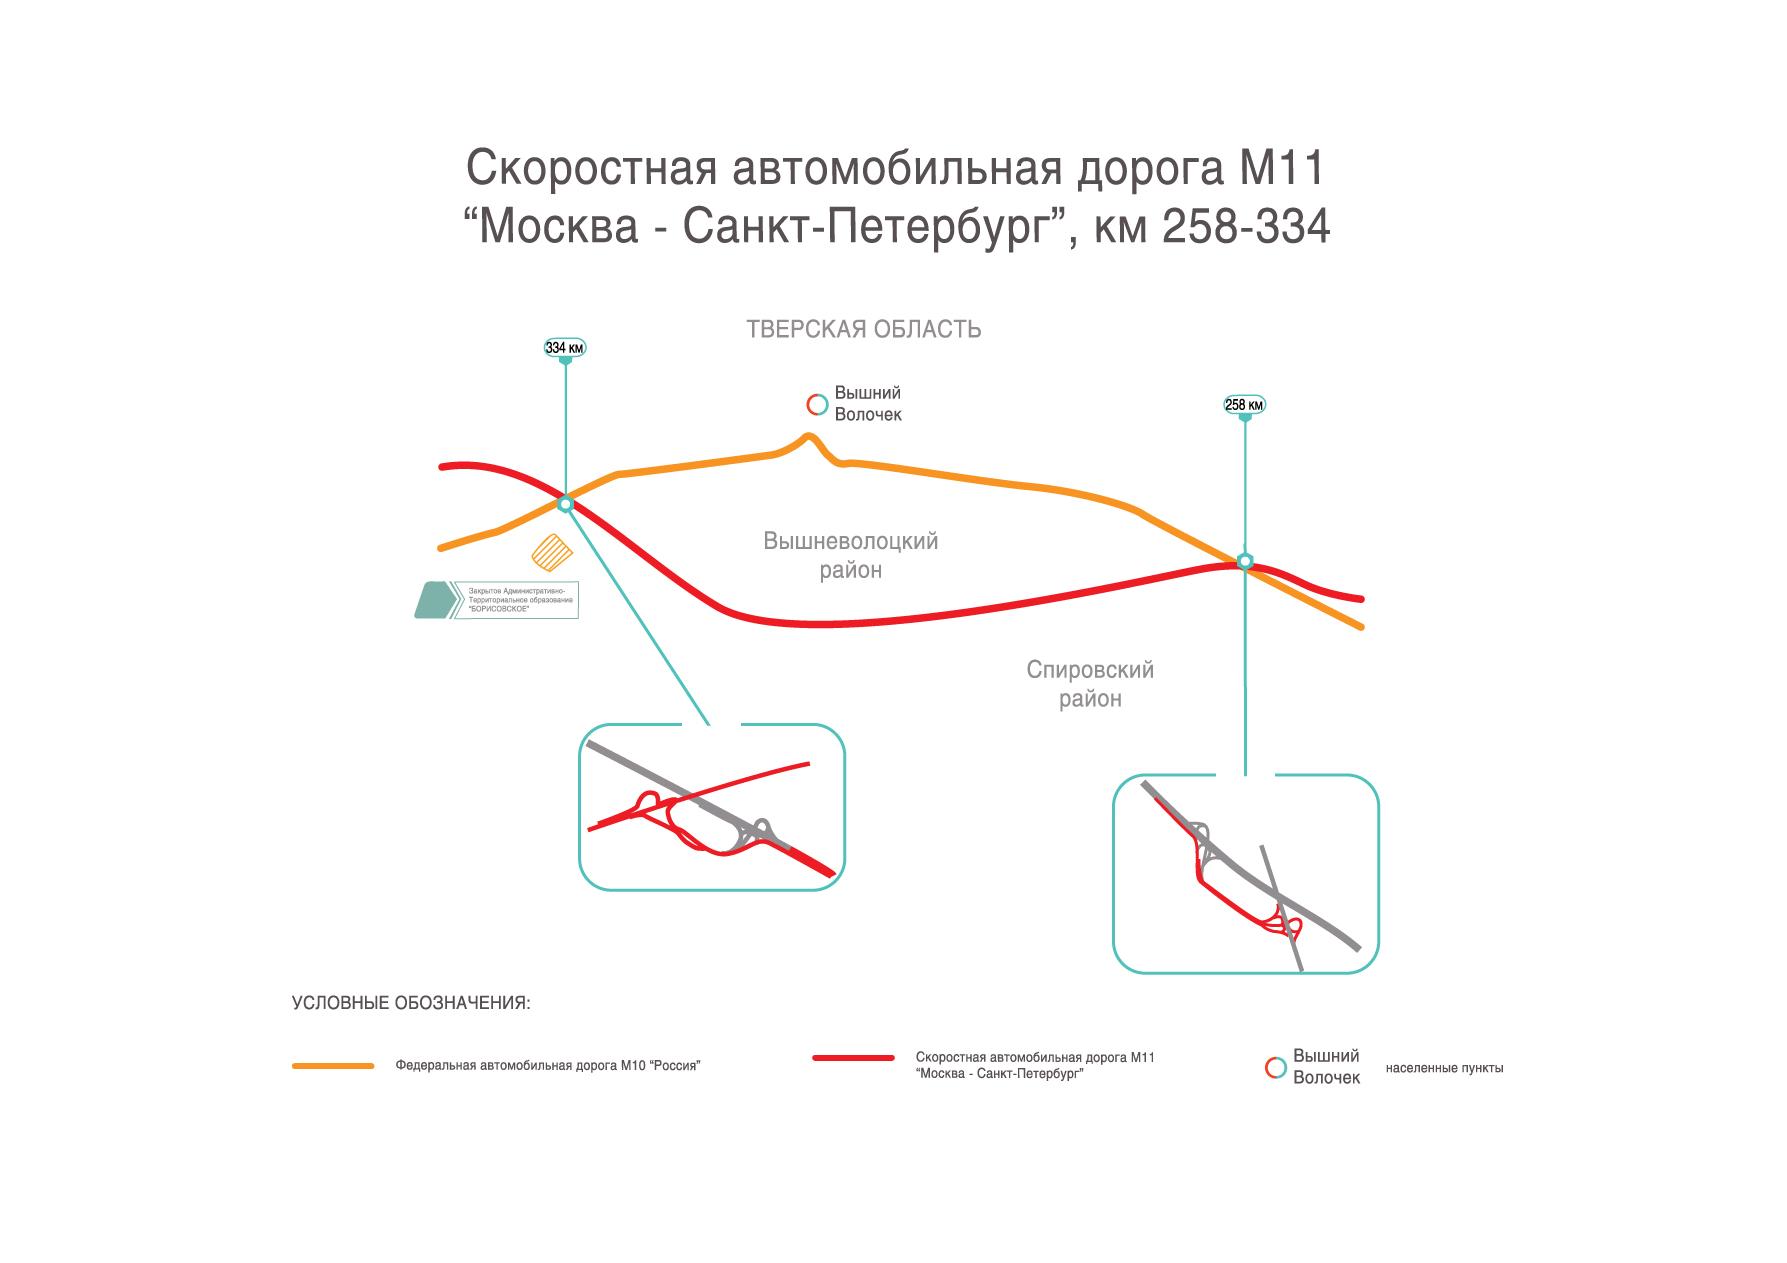 схема обхода г. Вышний Волочек на трассе М11 Москва - Санкт-Петербург